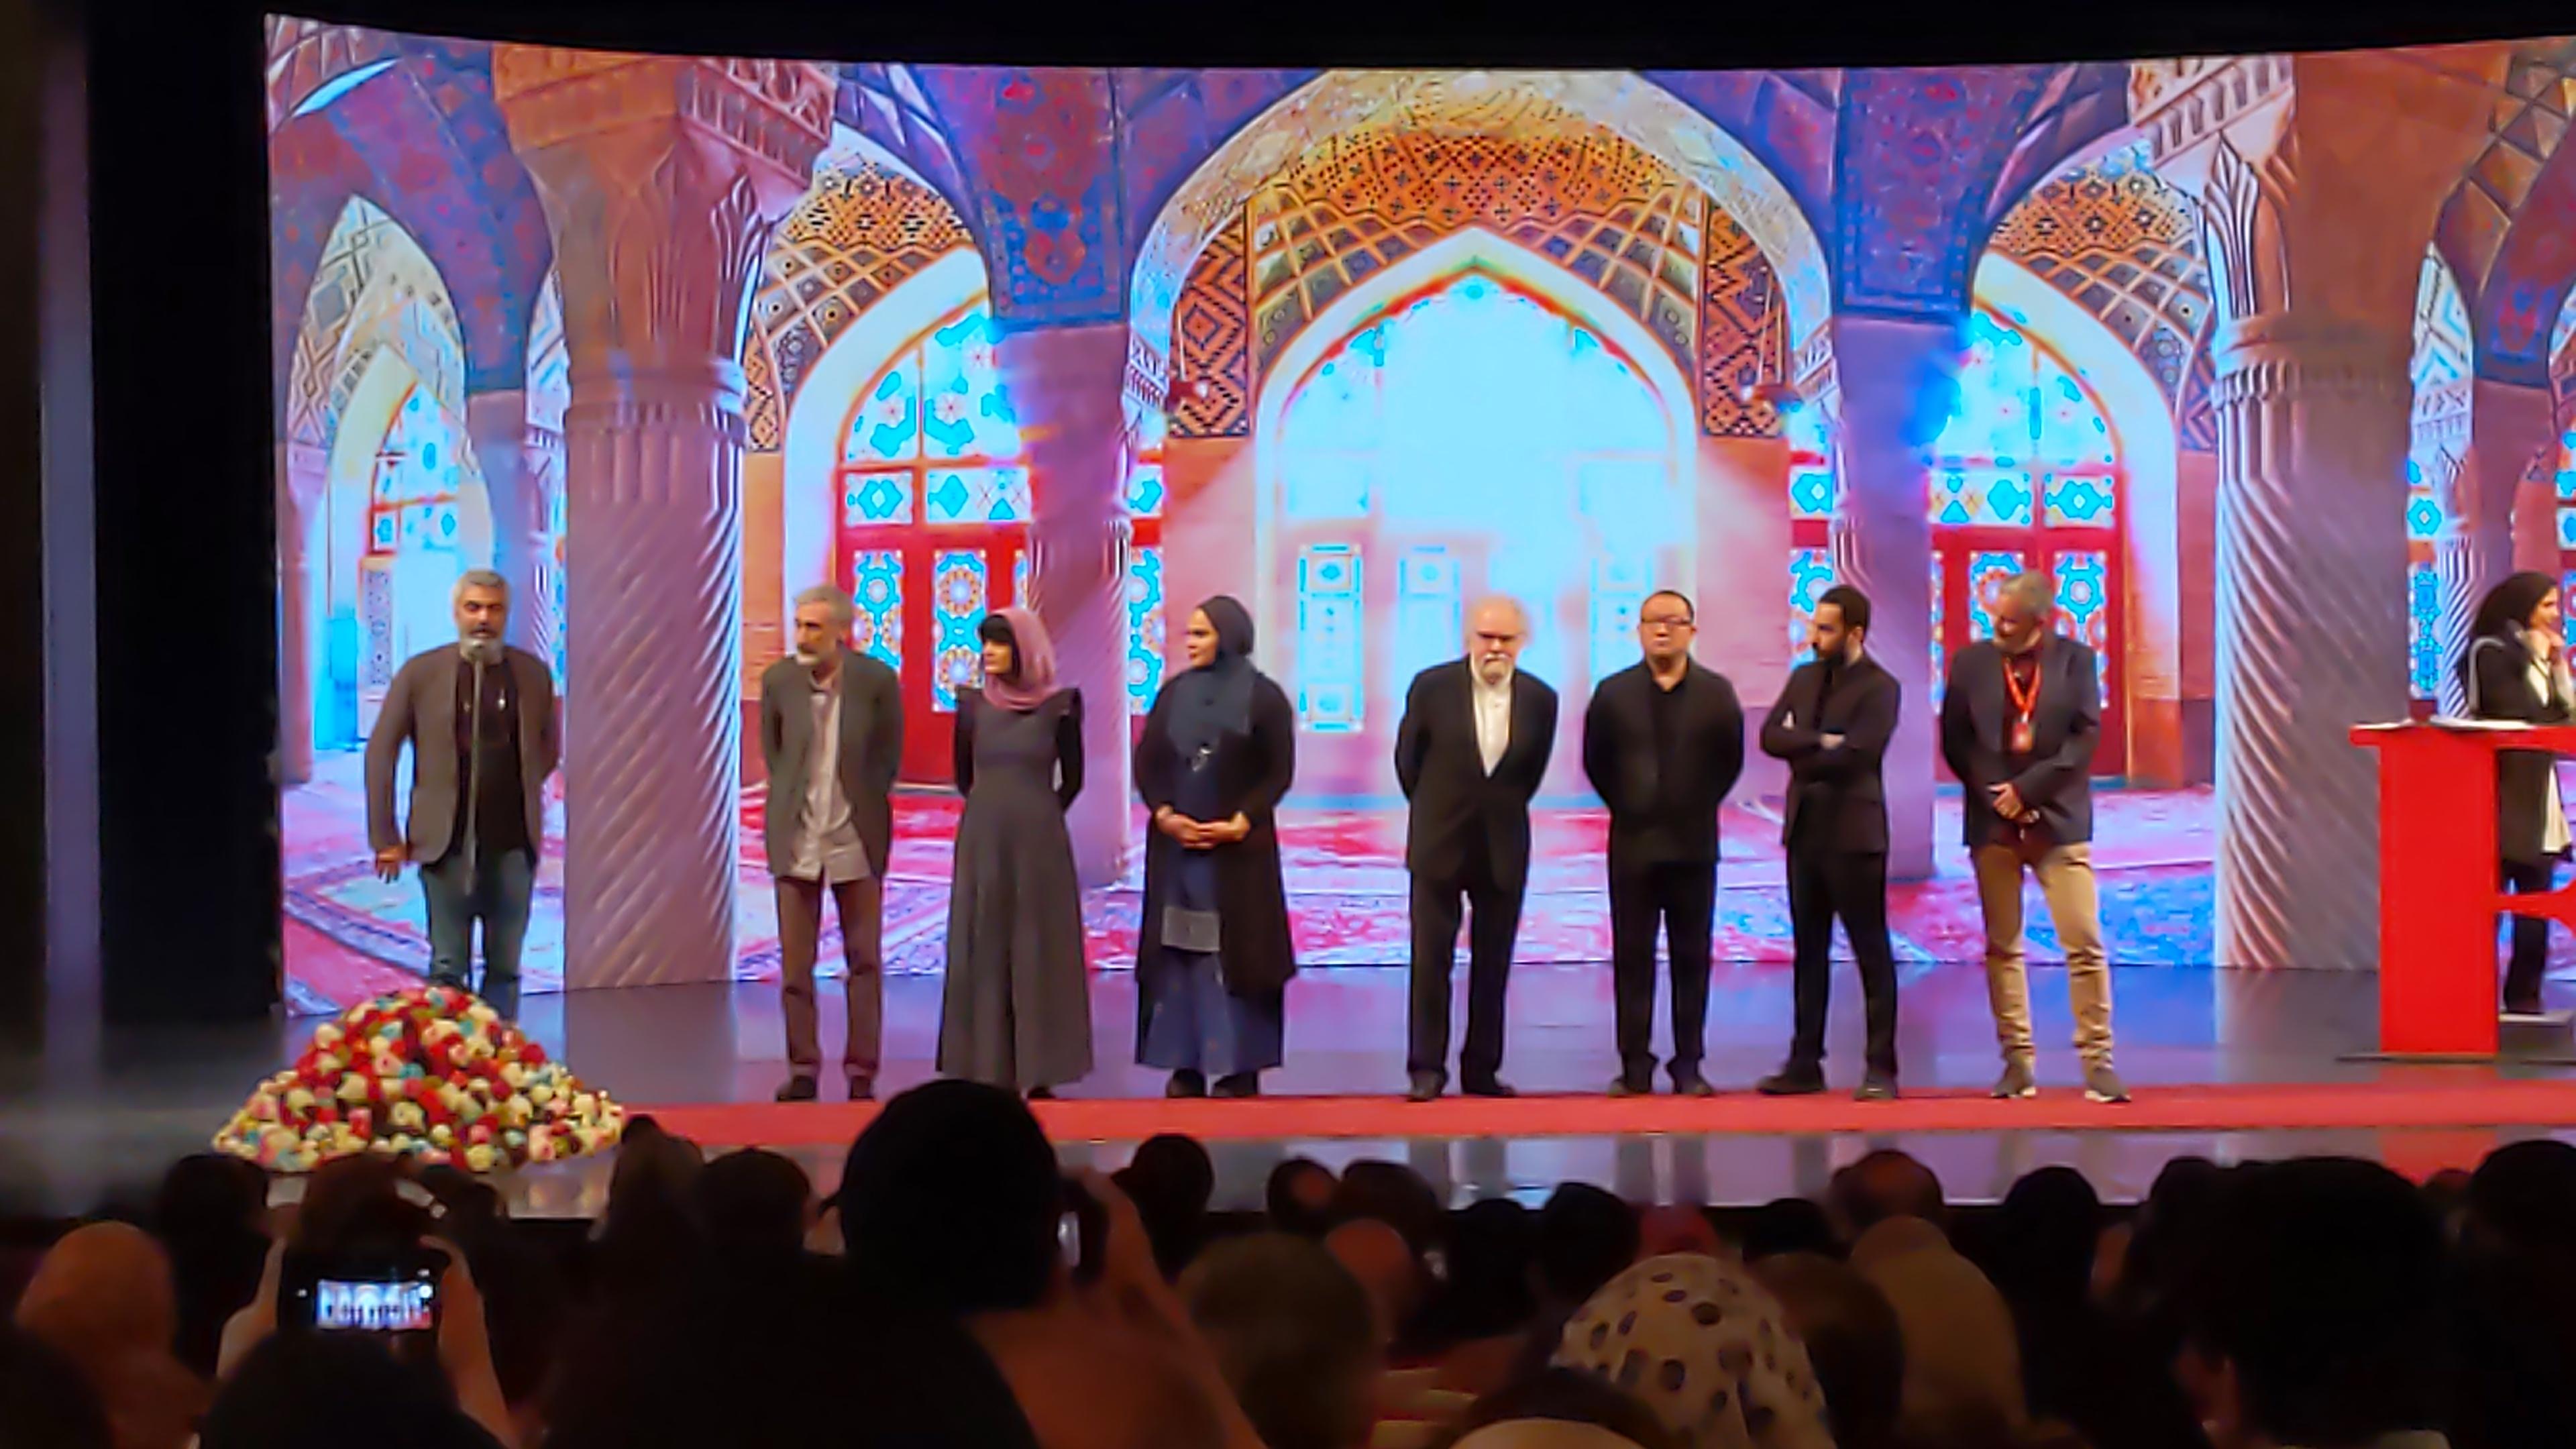 土國藝術電影最強背影殺手:莫札菲 Muzaffer Özdemir與國際評審團排排站